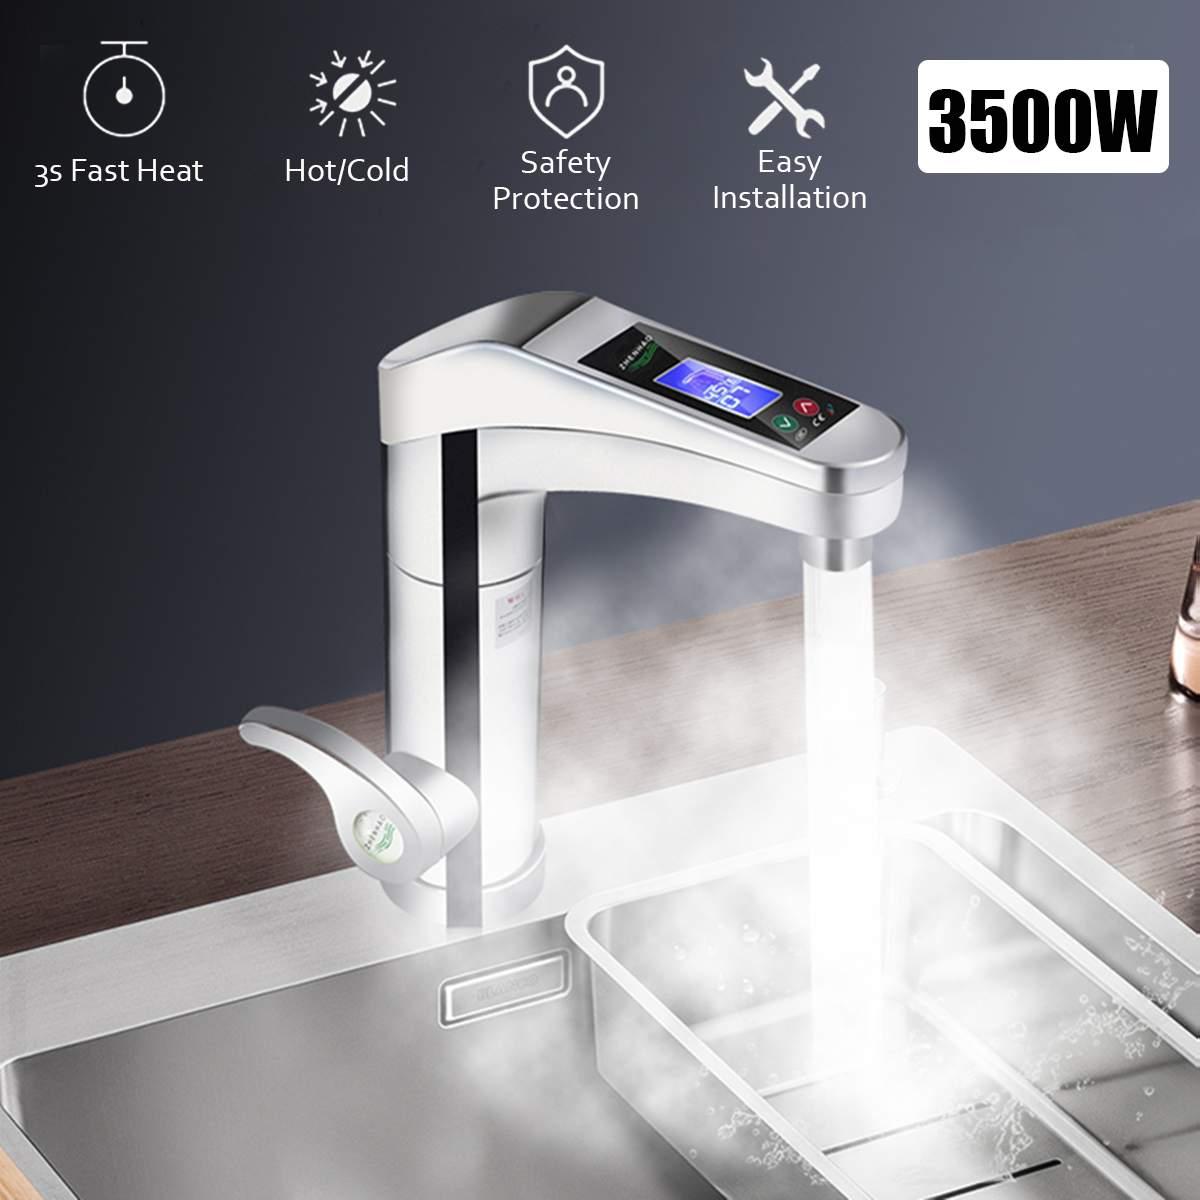 Affichage automatique Intelligent d'affichage à cristaux liquides robinet de chauffage électrique instantané d'eau chaude instantanée de chauffe-eau sans réservoir